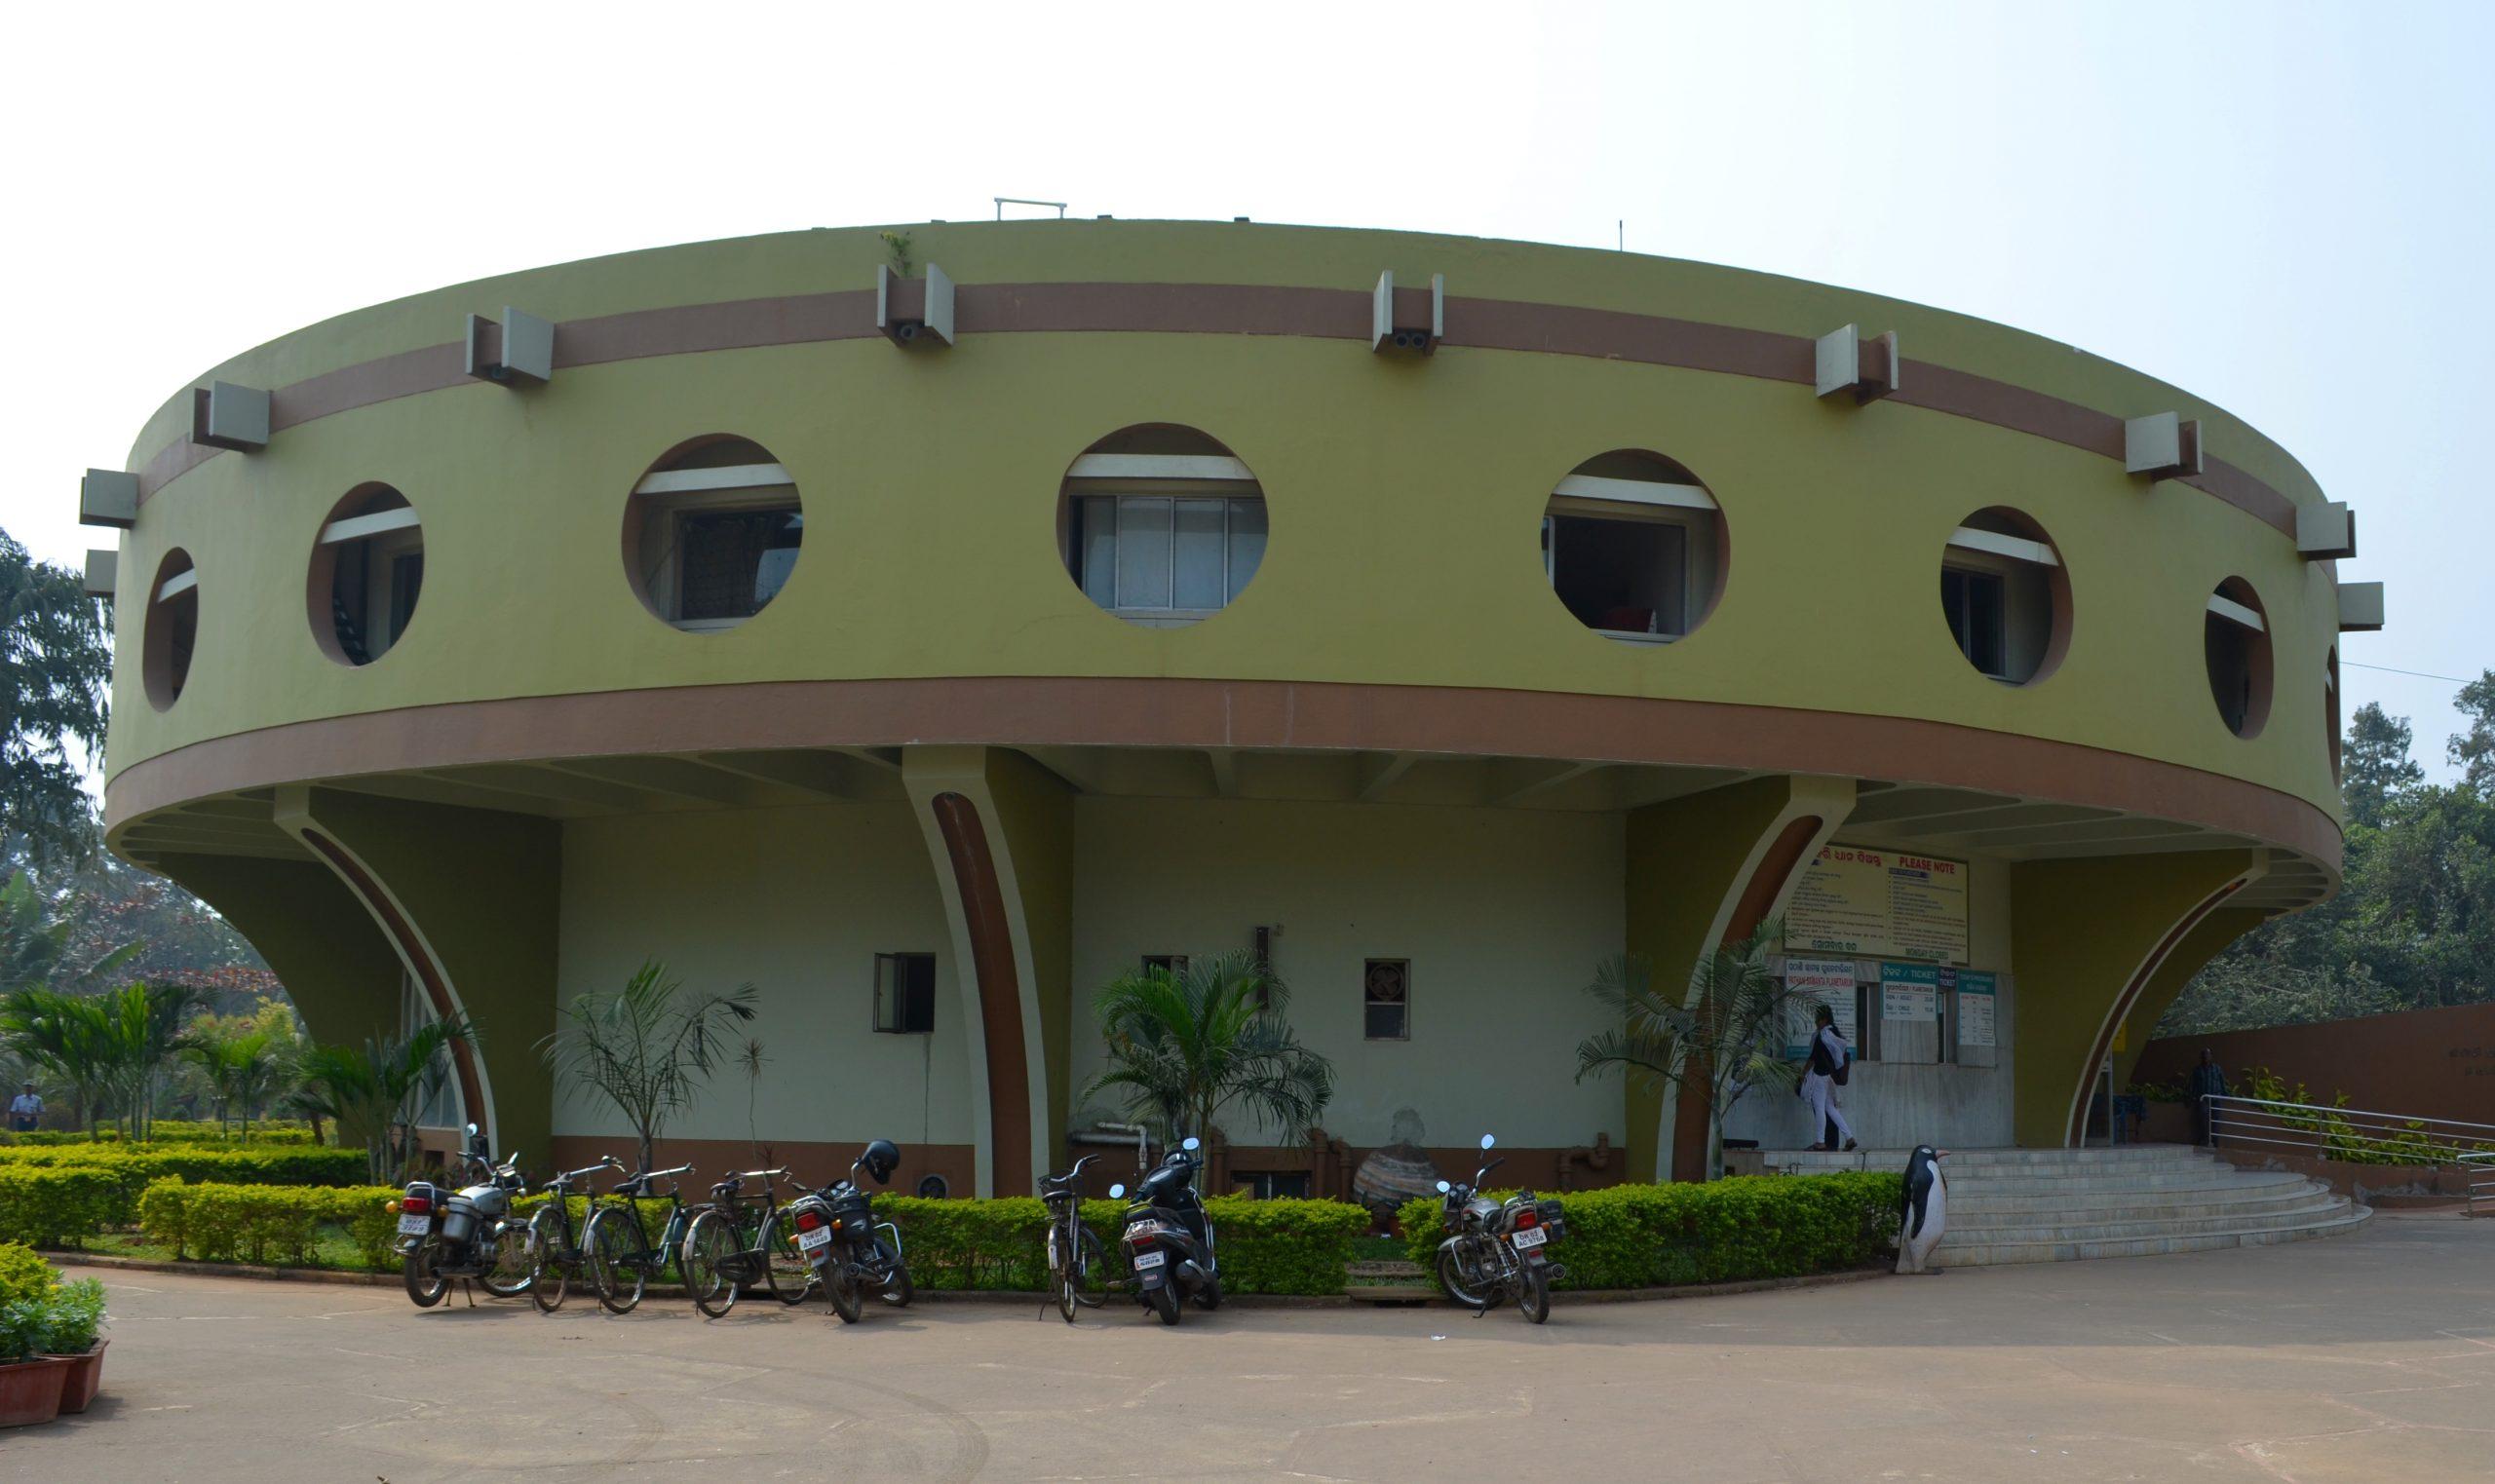 Most Popular Place To Visit In Bhubaneswar - Pathani Samanta Planetarium